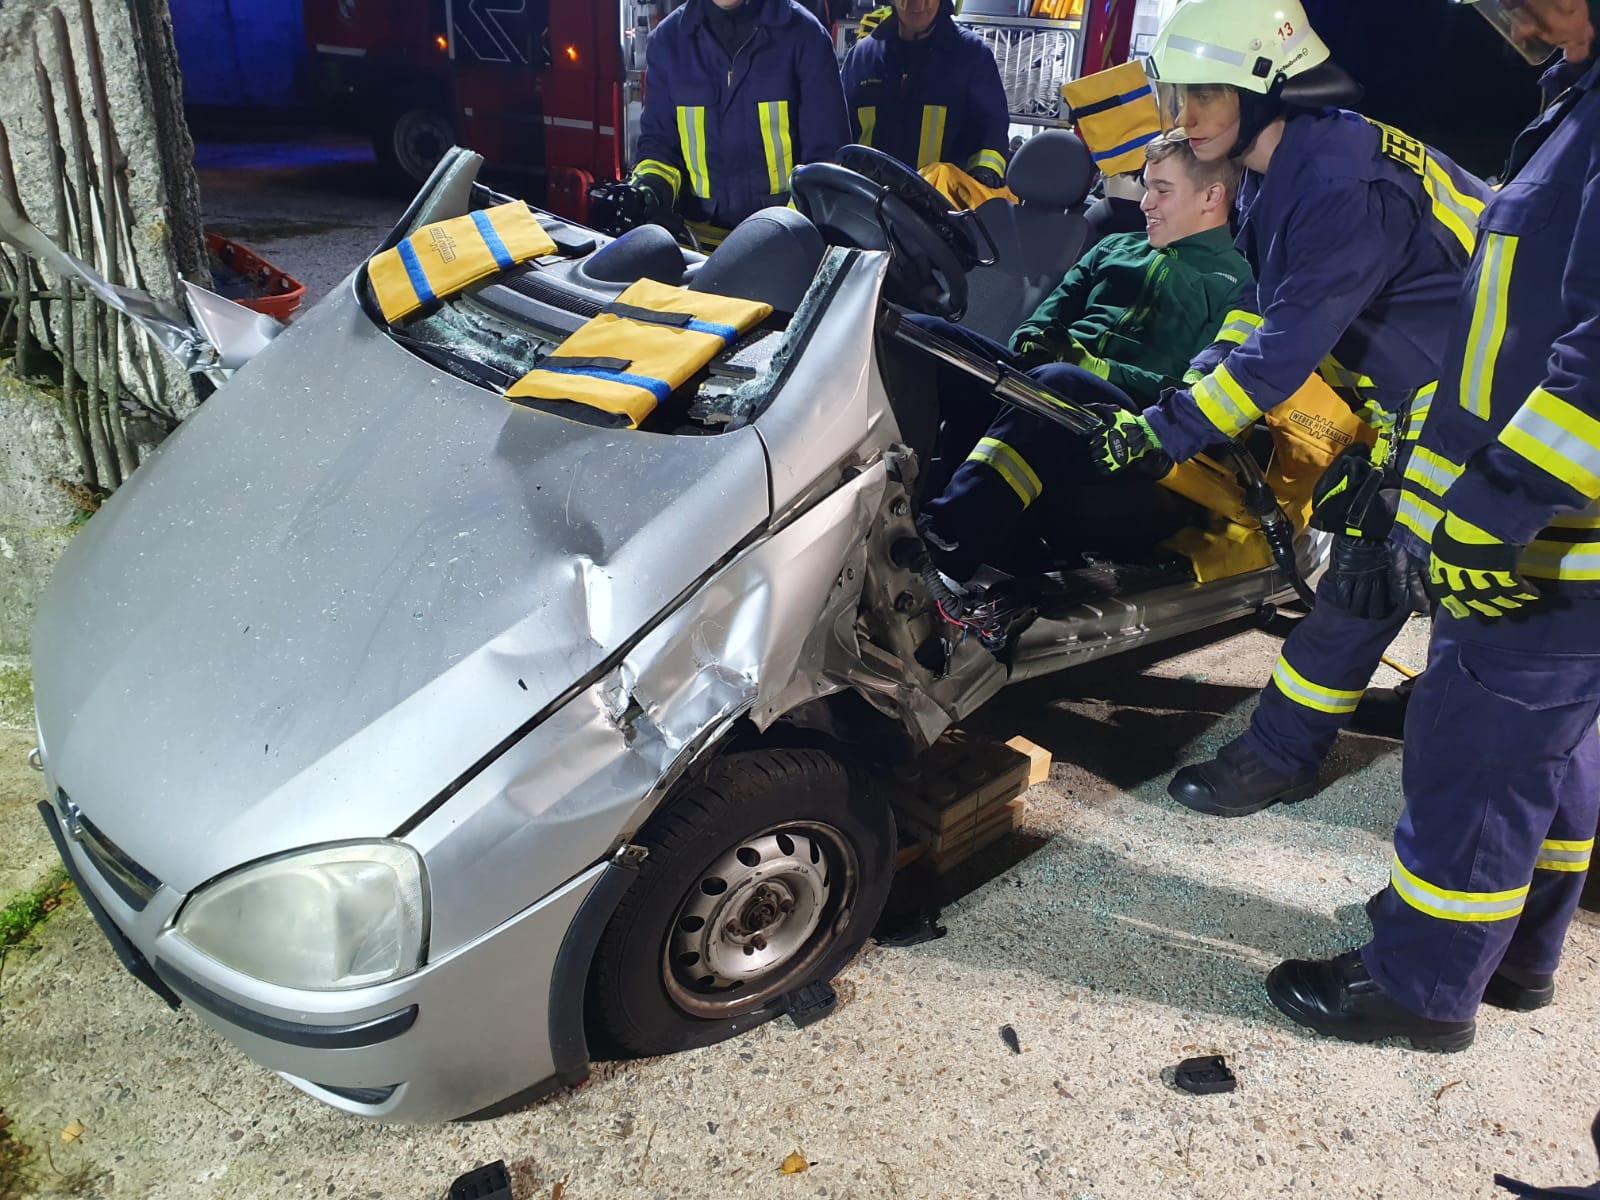 2019-10-23_Feuerwehr-trainiert-Verkehrsunfallhilfe_18